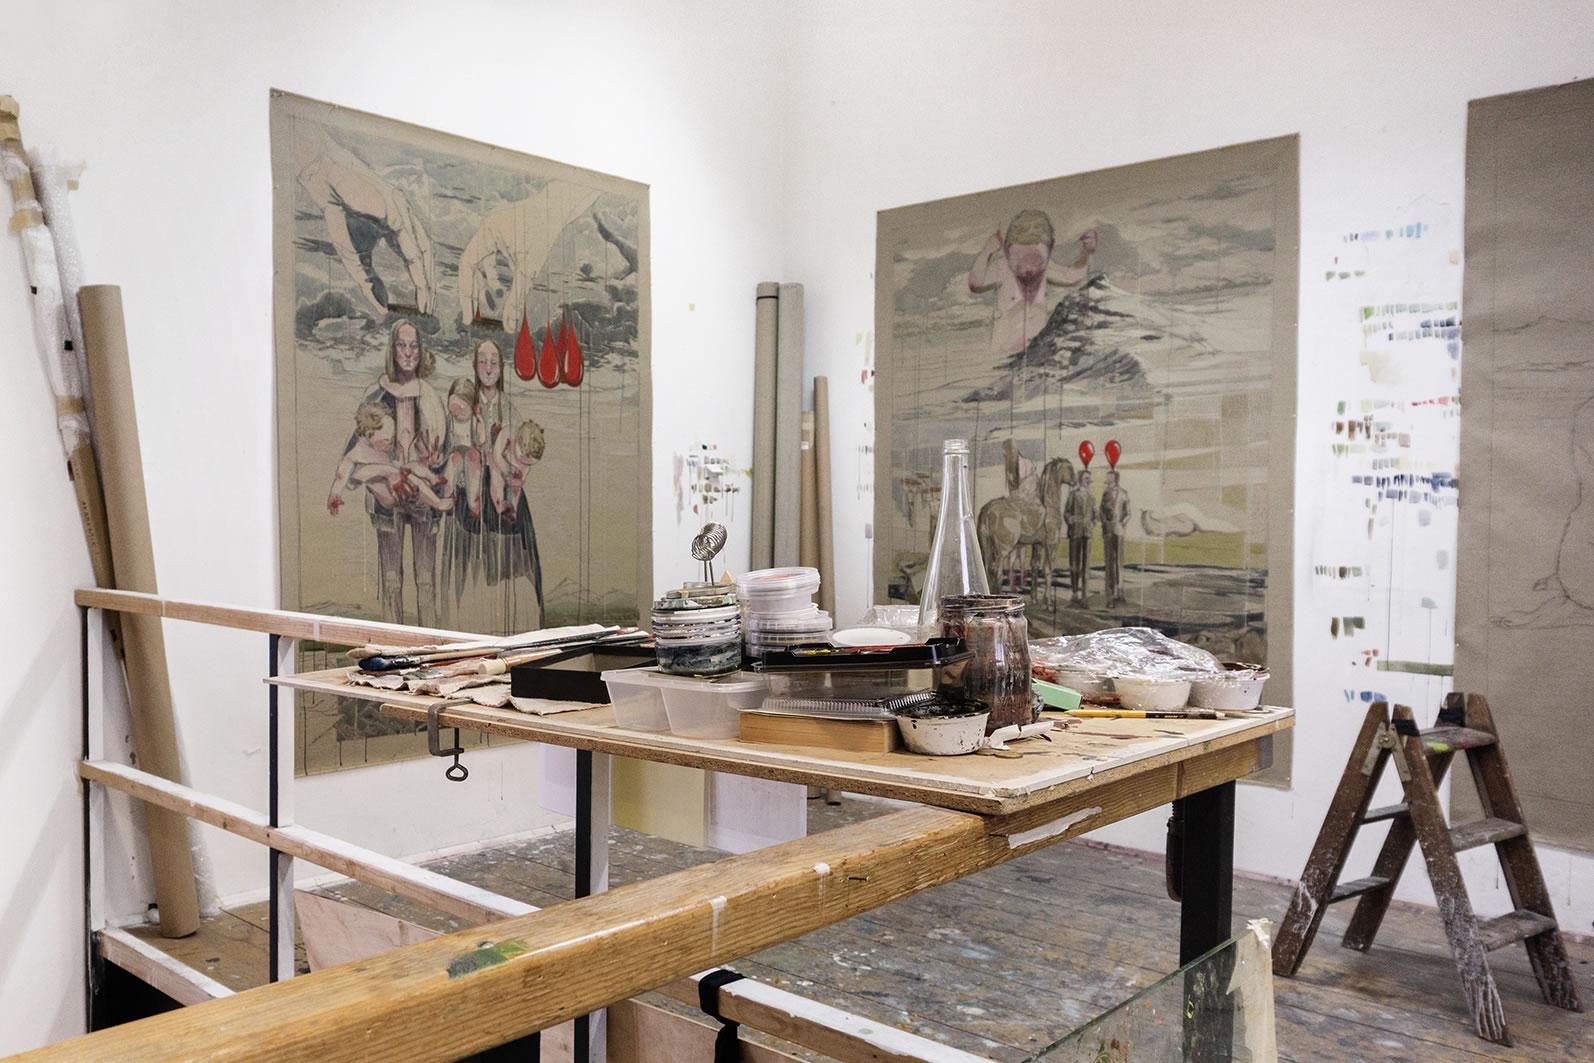 Maria Legat | Atelieransicht Akademie der bildenden Künste | Einladung Art Vienna 2017 | Foto: Sandra Kosel | Galerie3